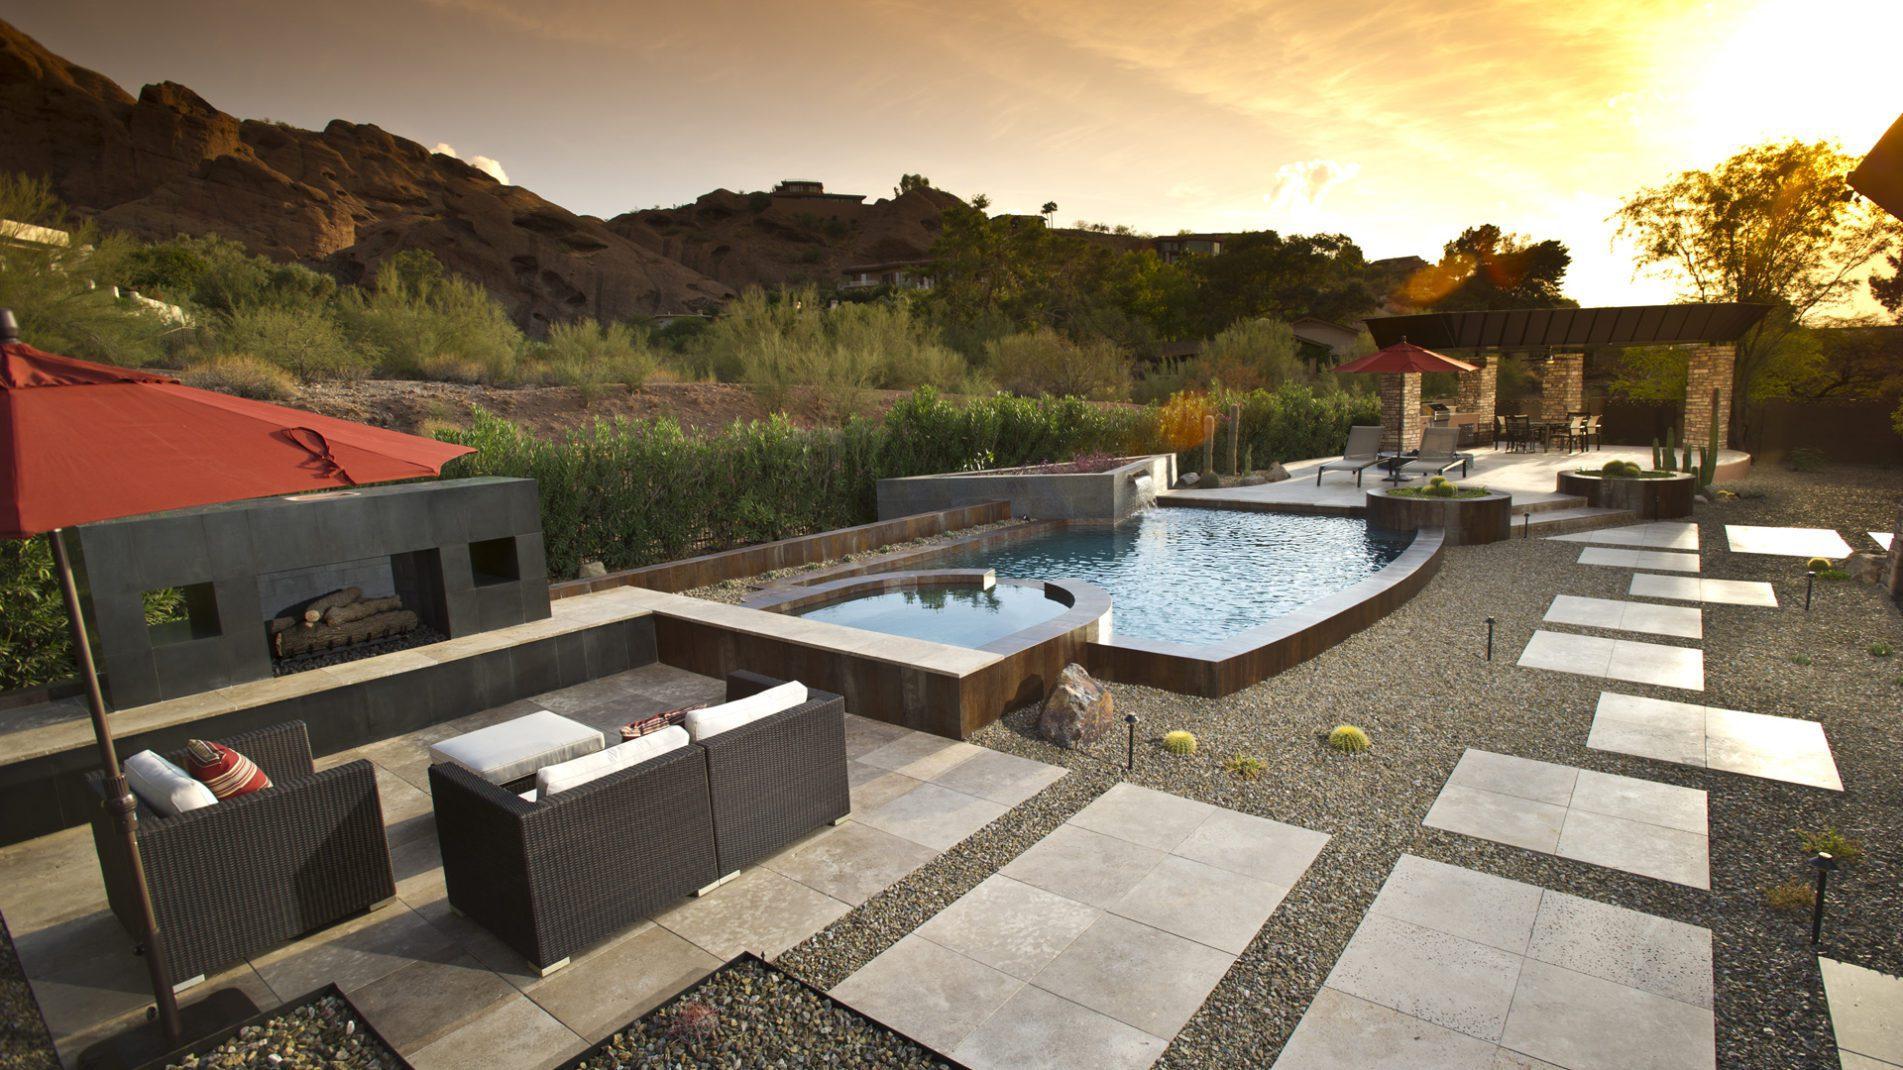 Camelback, Concrete & Copper